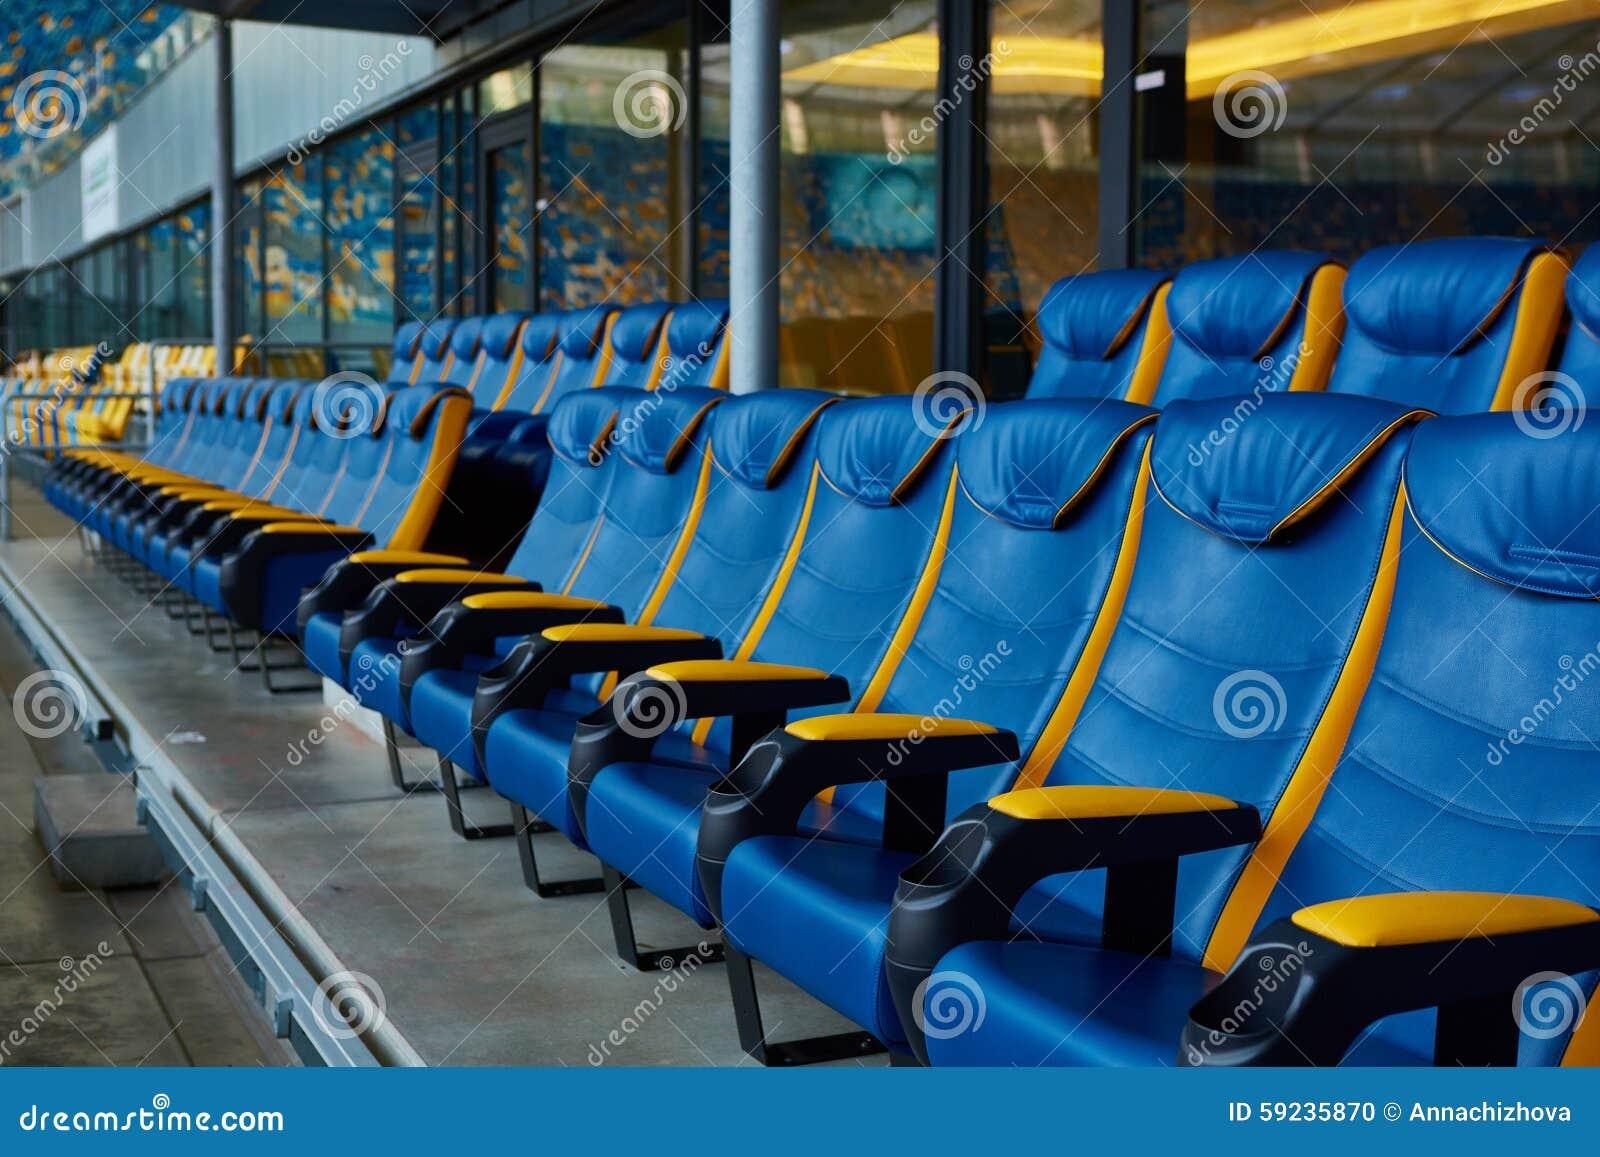 Download Silla Azul En Estadio Del Deporte Foto de archivo - Imagen de línea, público: 59235870